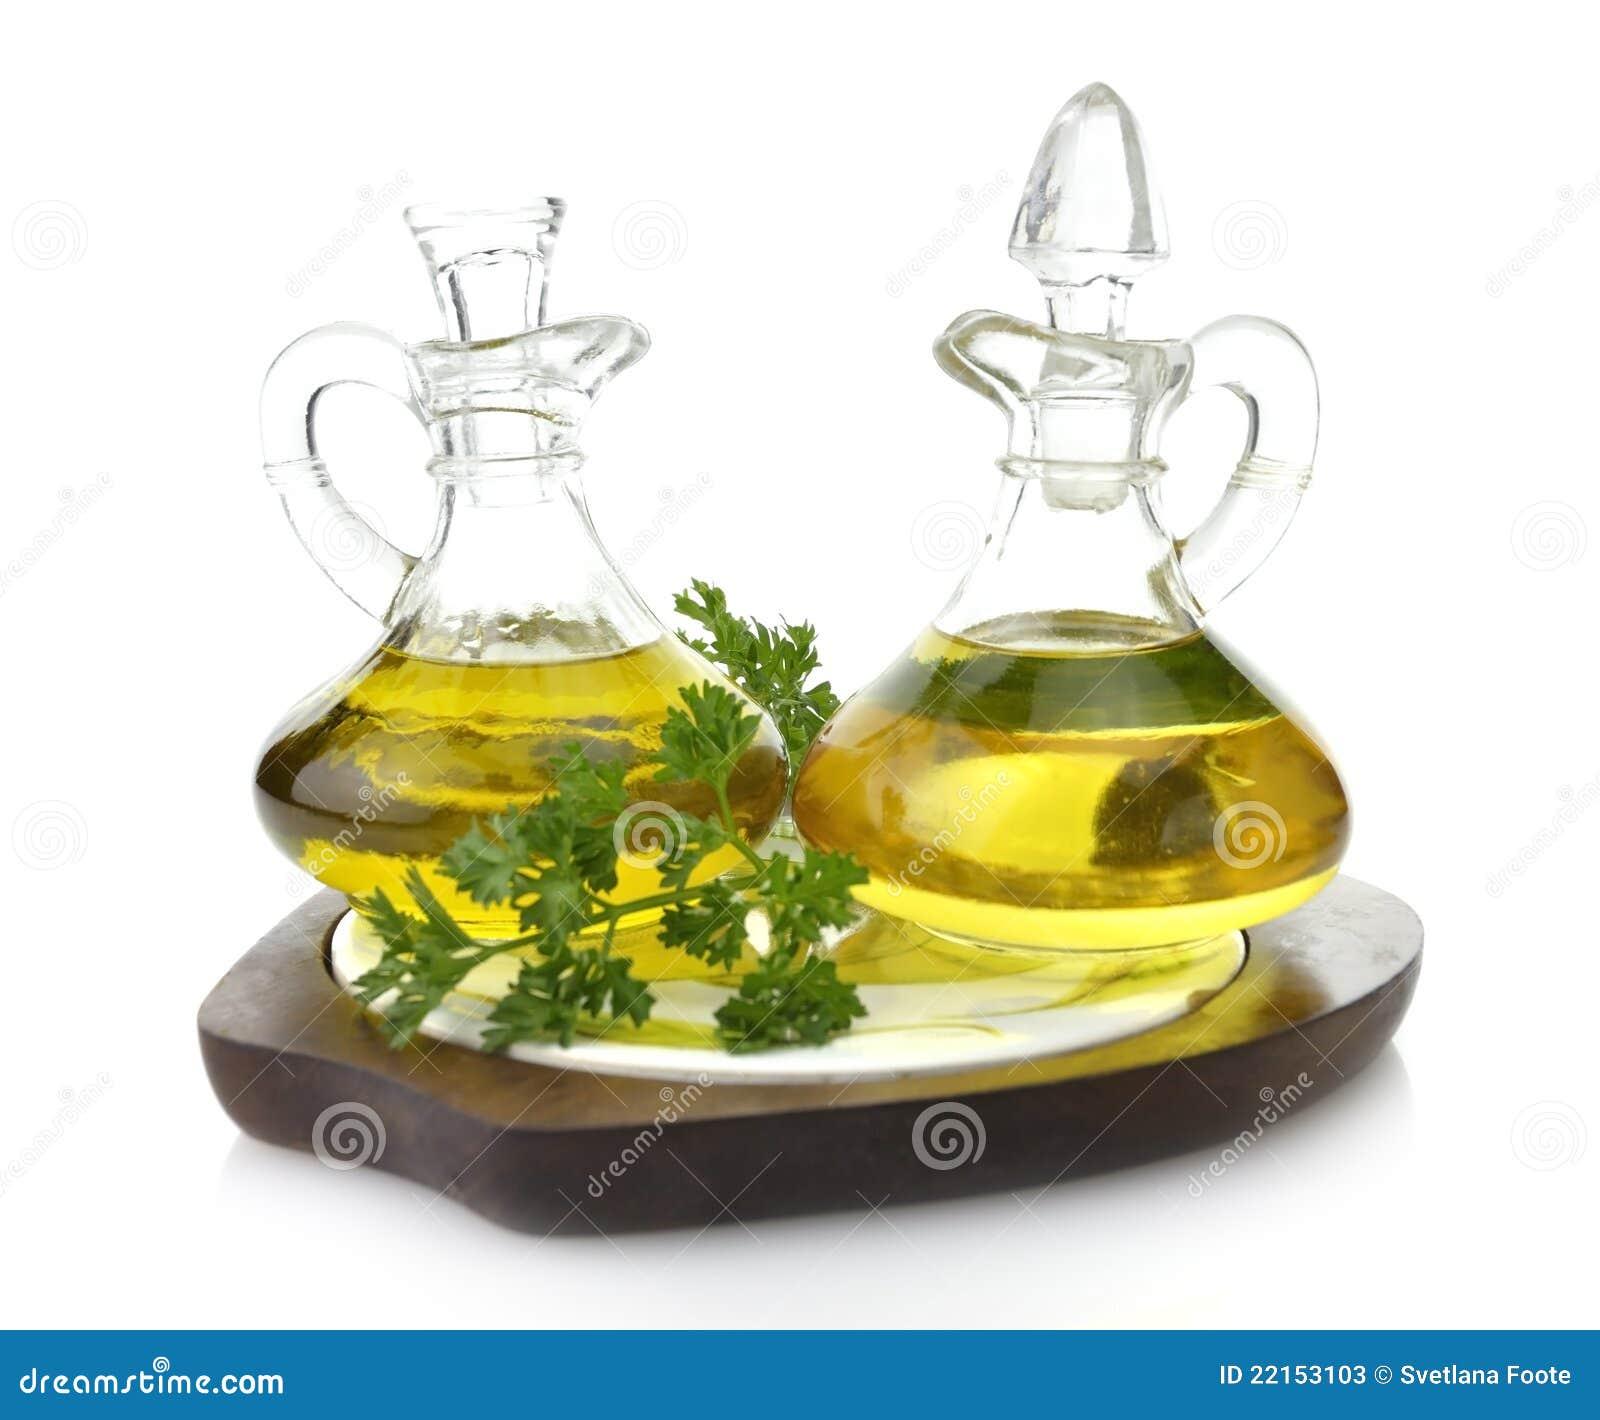 cooking oil genesis business having